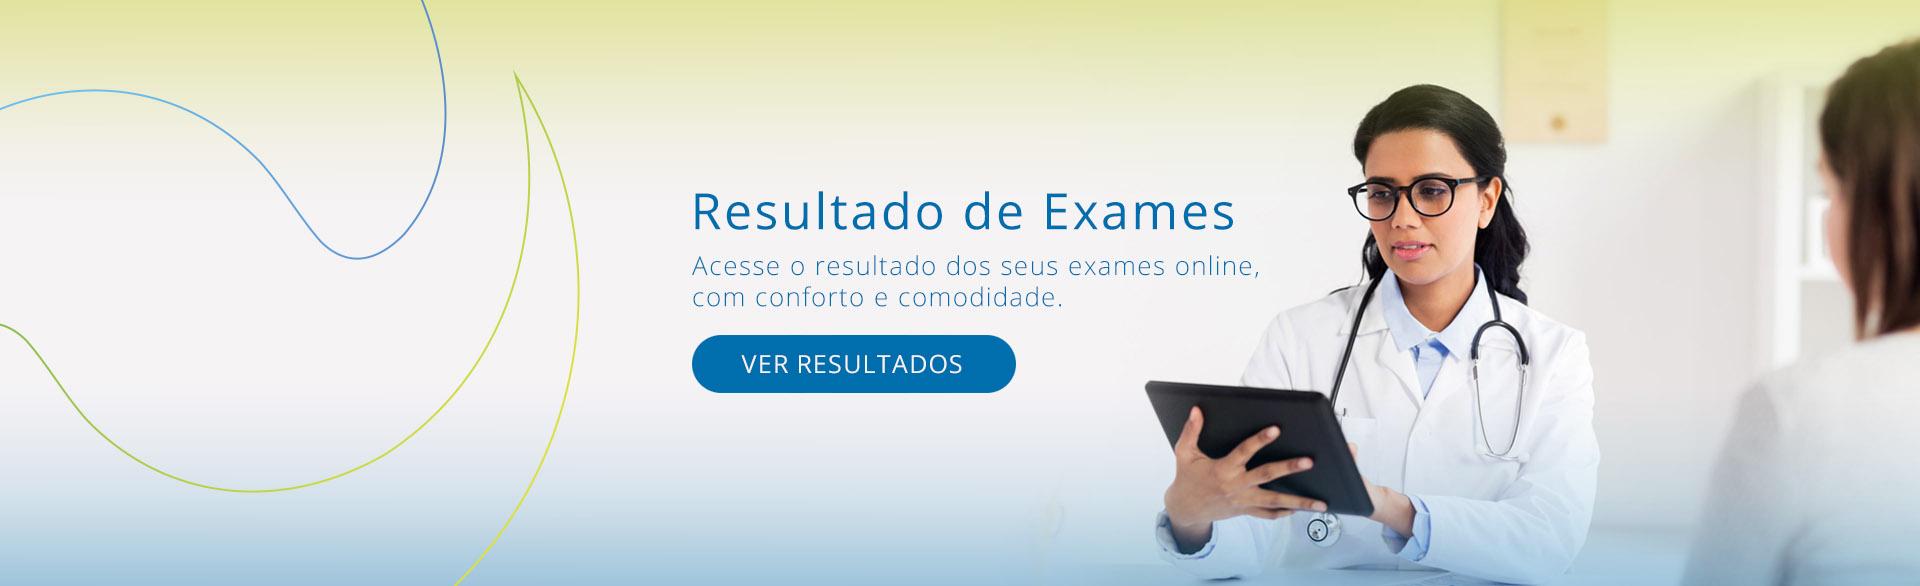 resultados de exames online